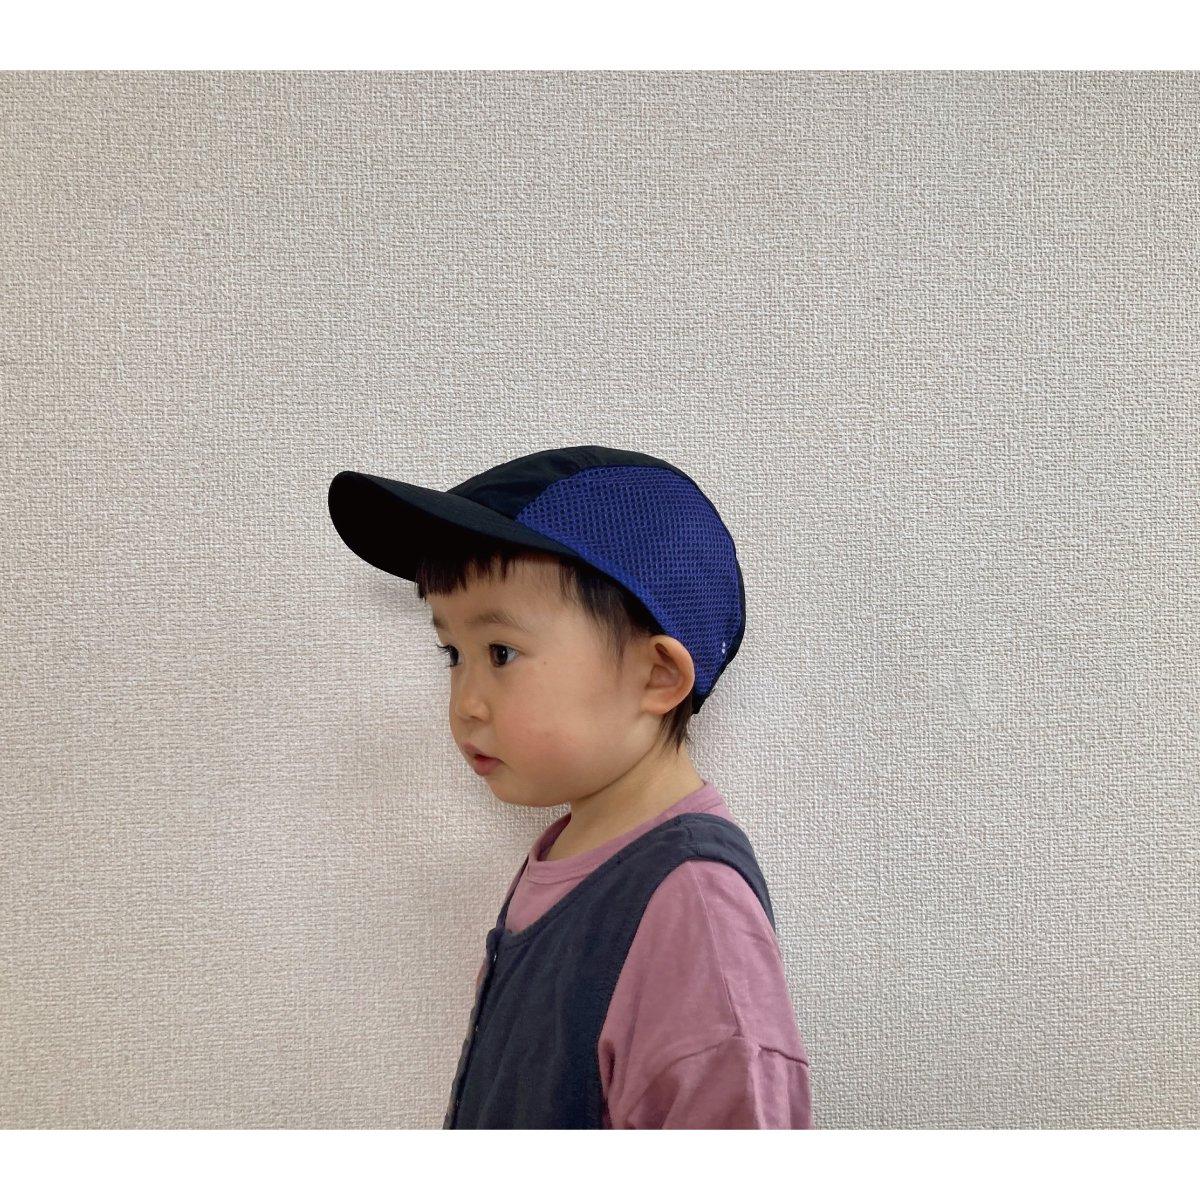 【KIDS】Kids Gear Jet Cap 詳細画像9